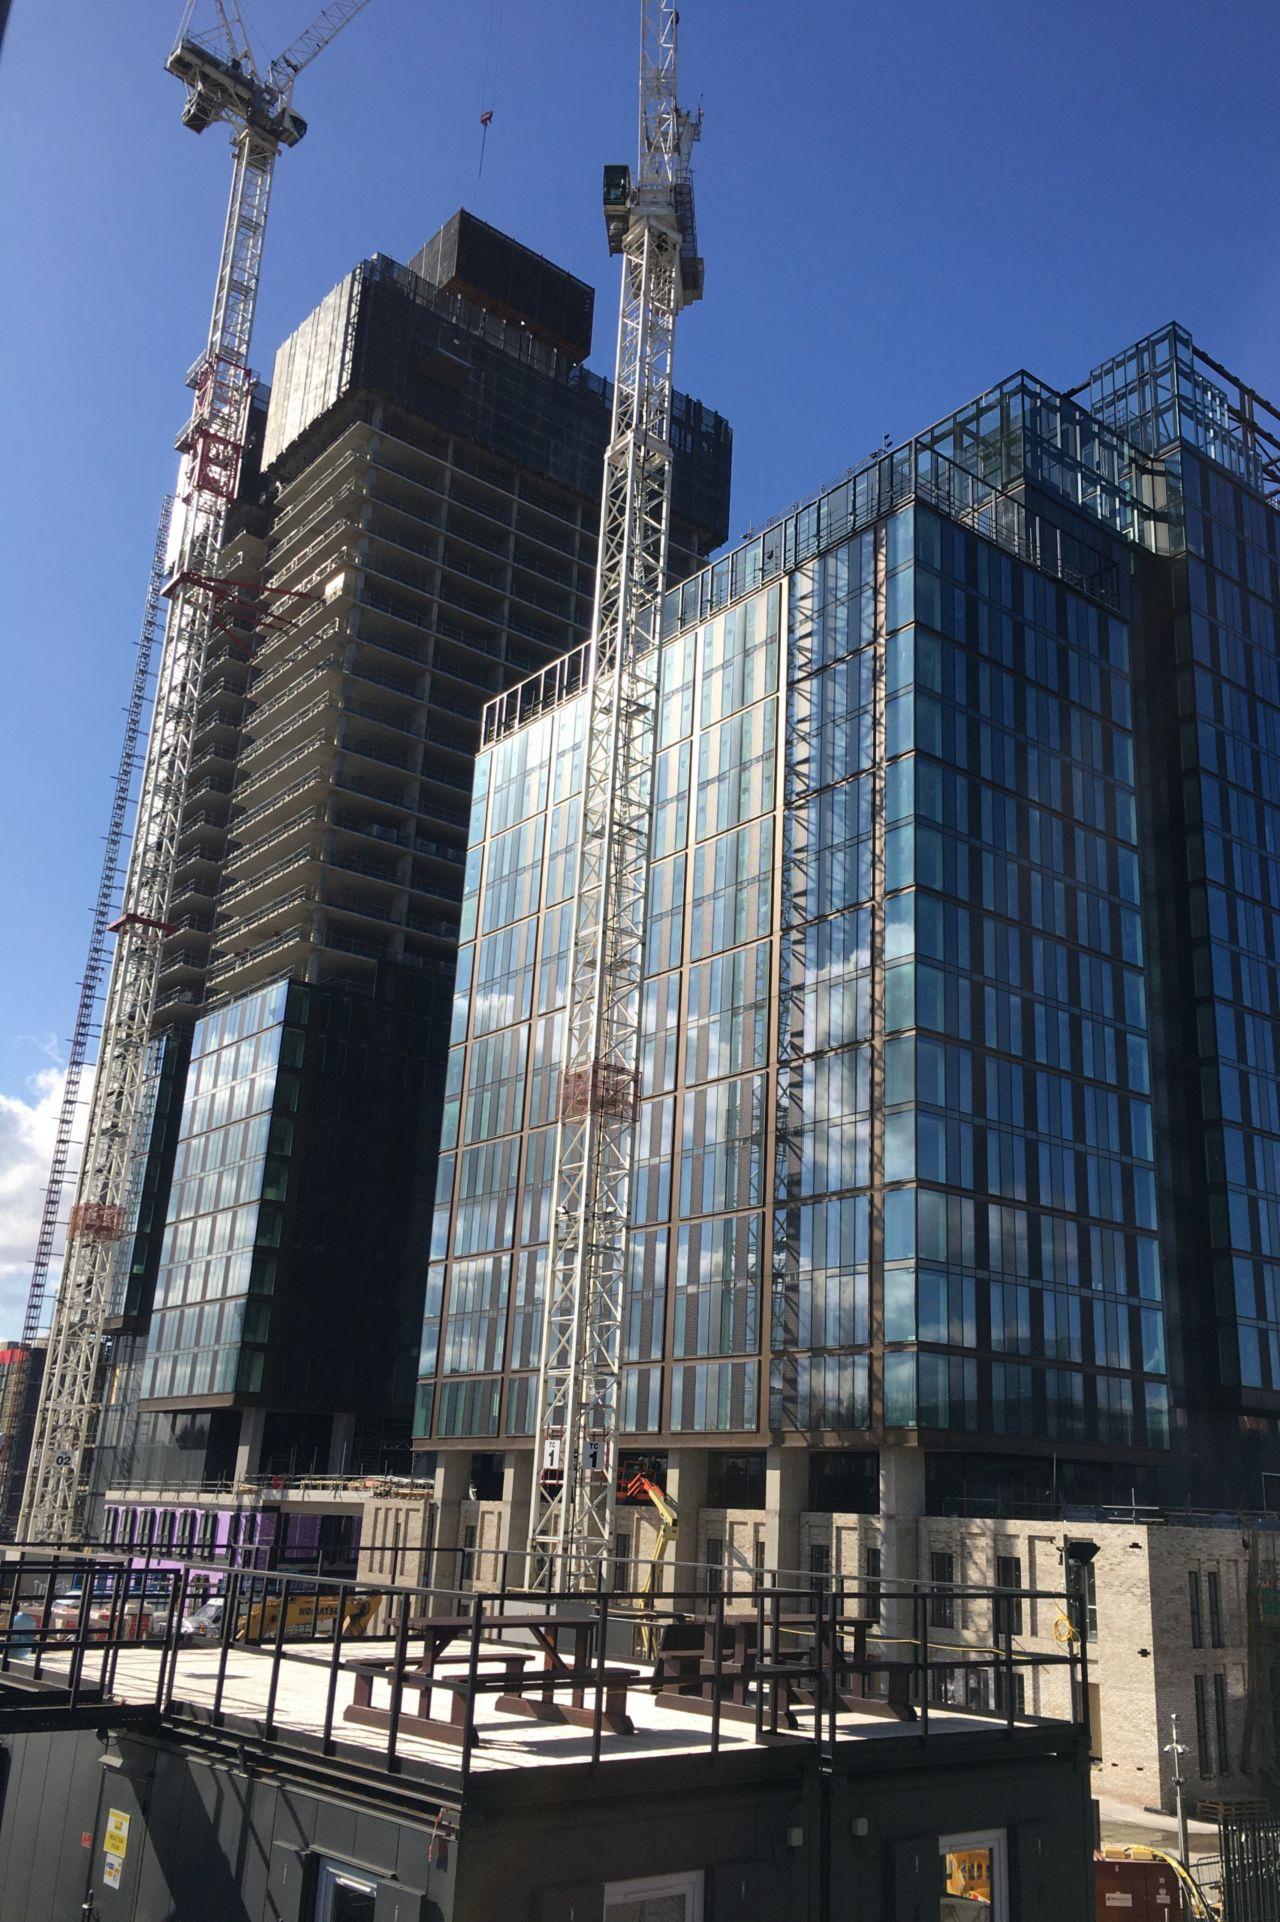 crown street - stavba - strukturální fasády